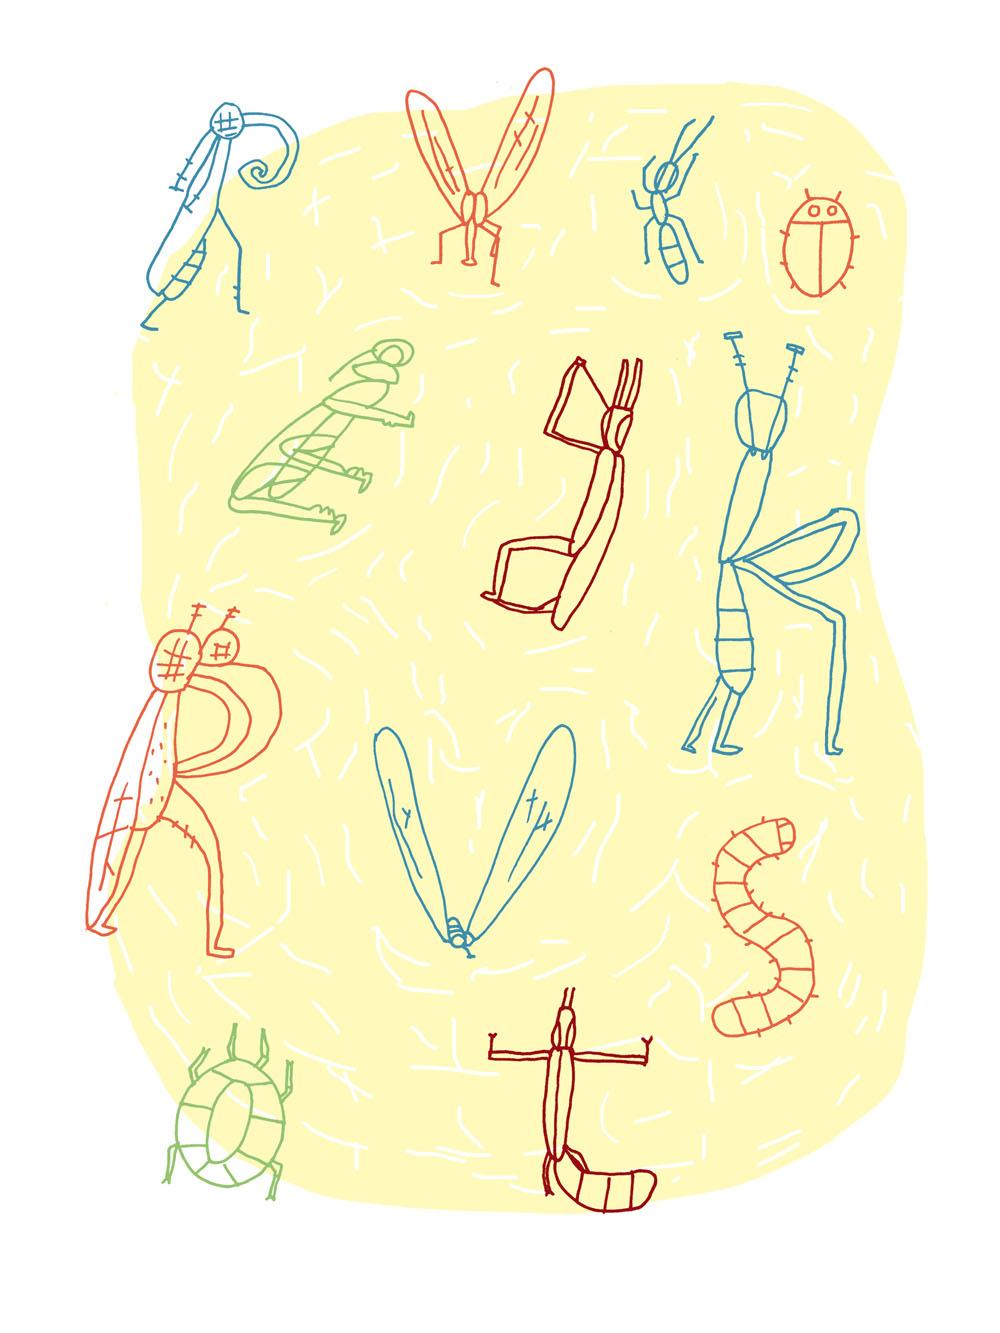 strooisel insectenv2 .jpg